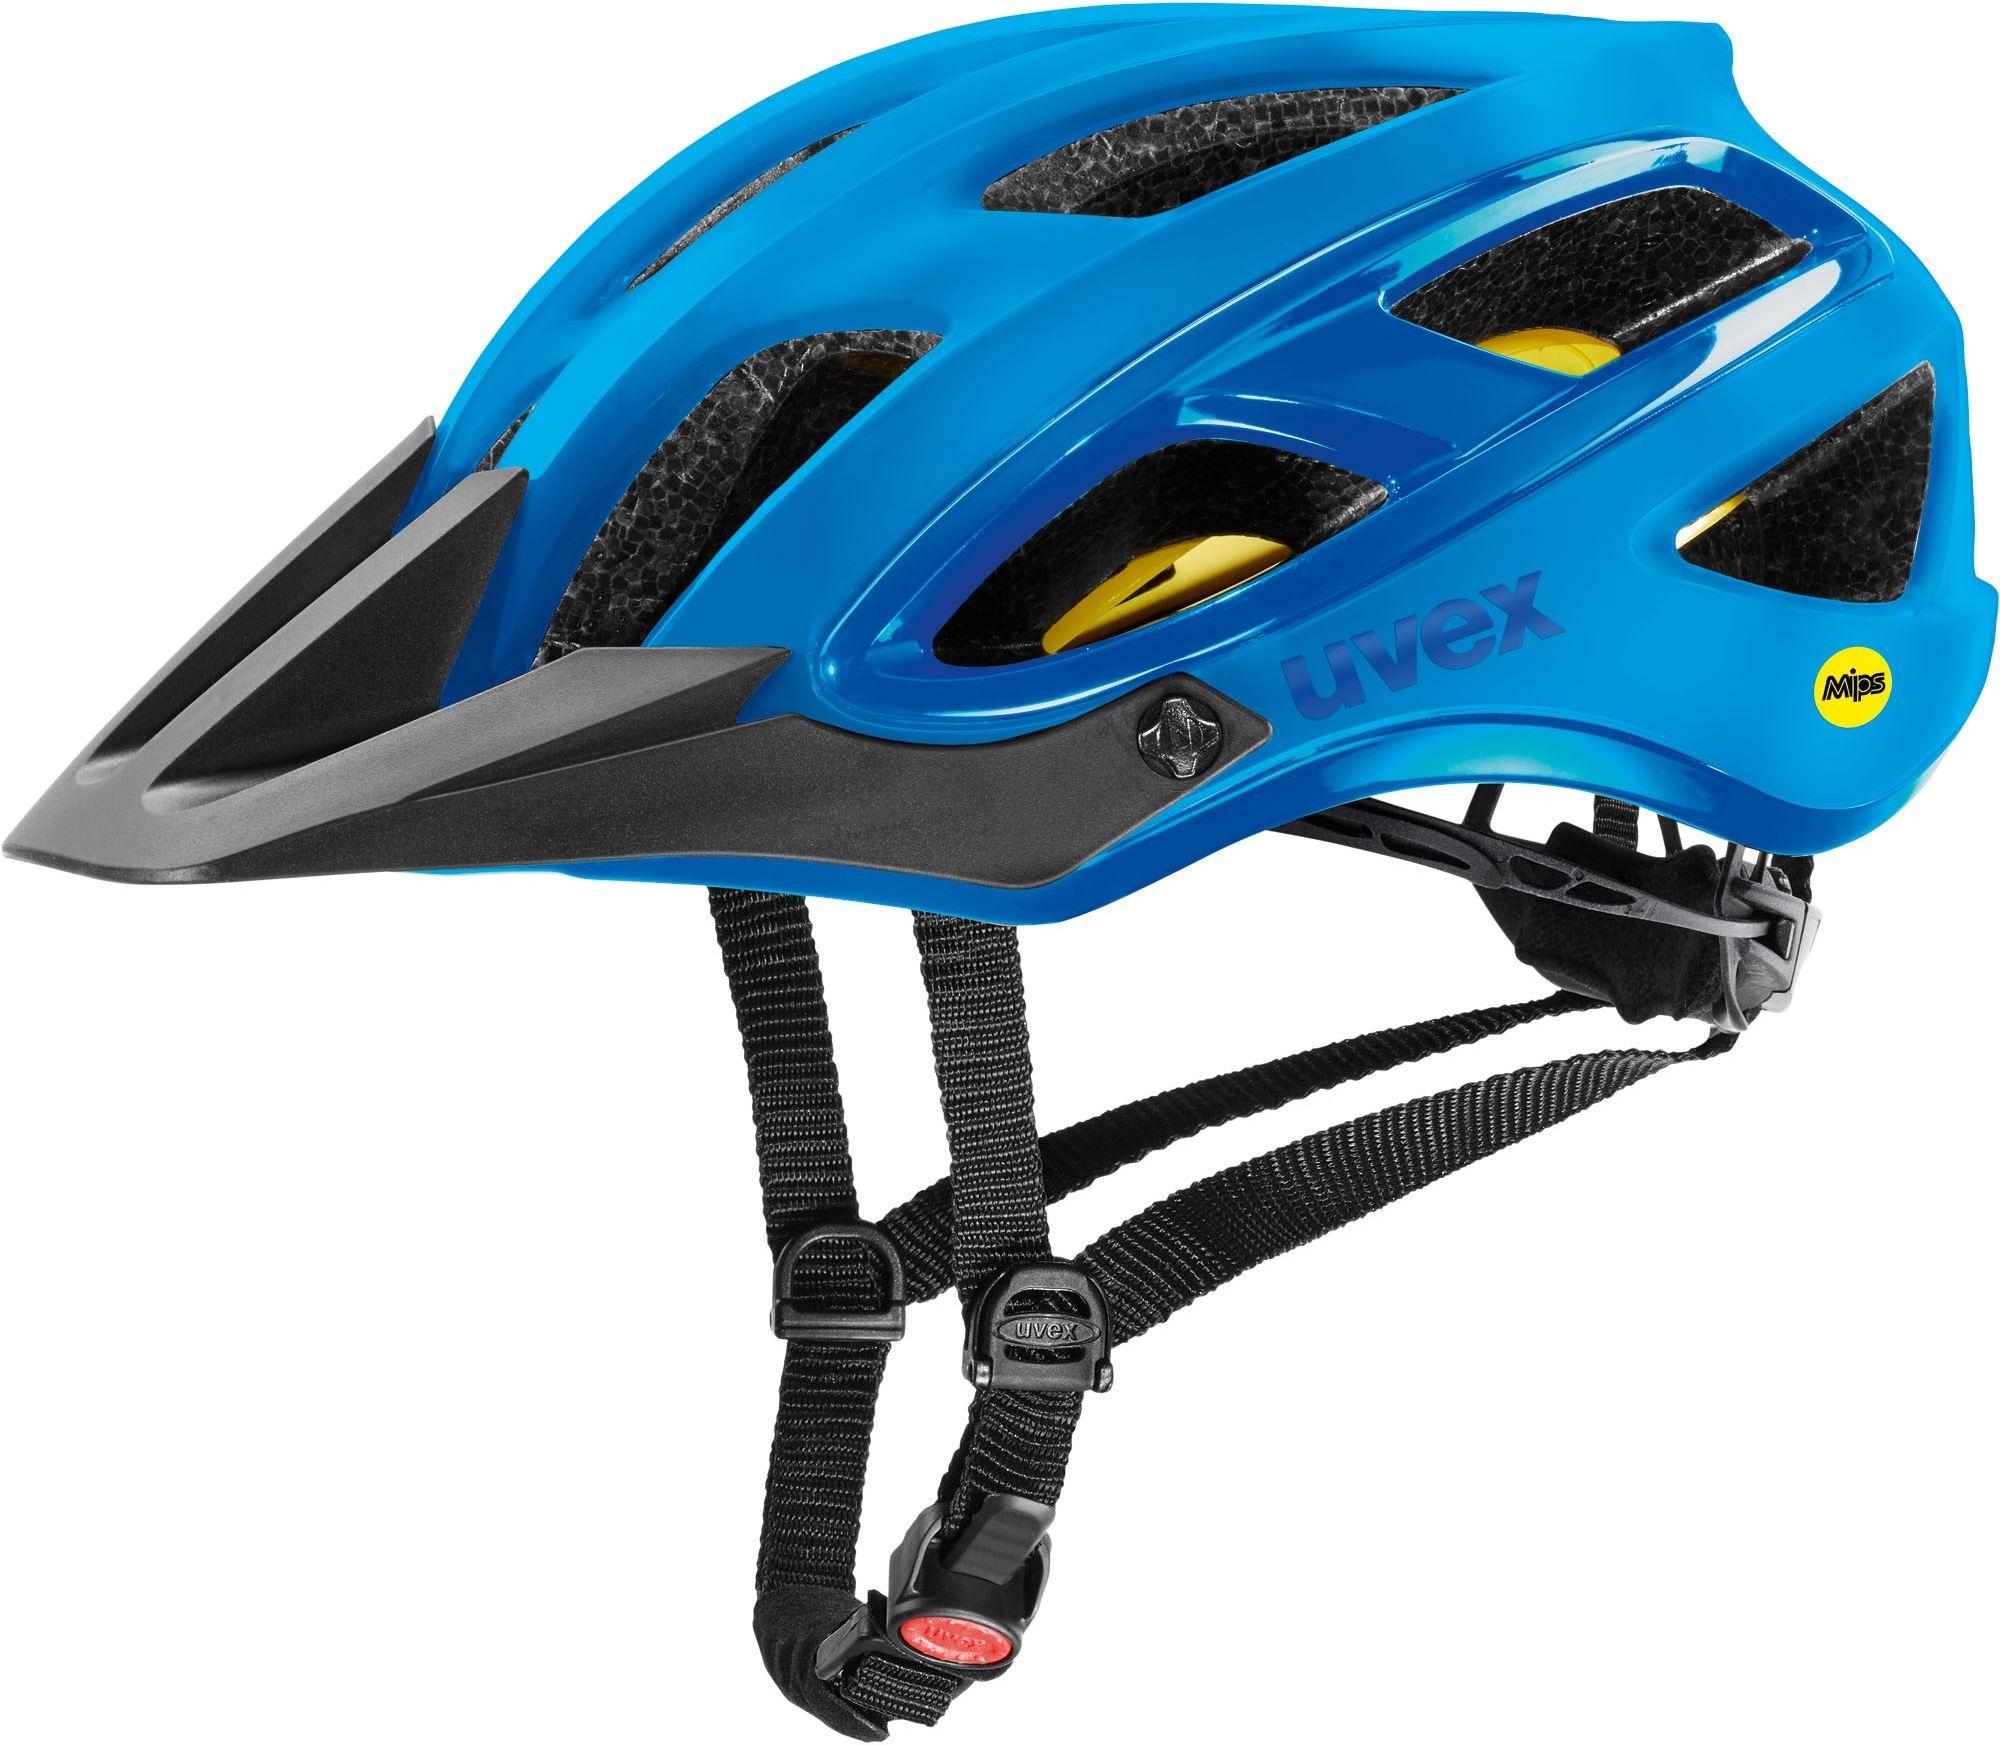 Uvex Unbound Kask rowerowy niebieski 41/0/989/03/17 Rozmiar: 54-58,41/0/989/03/17